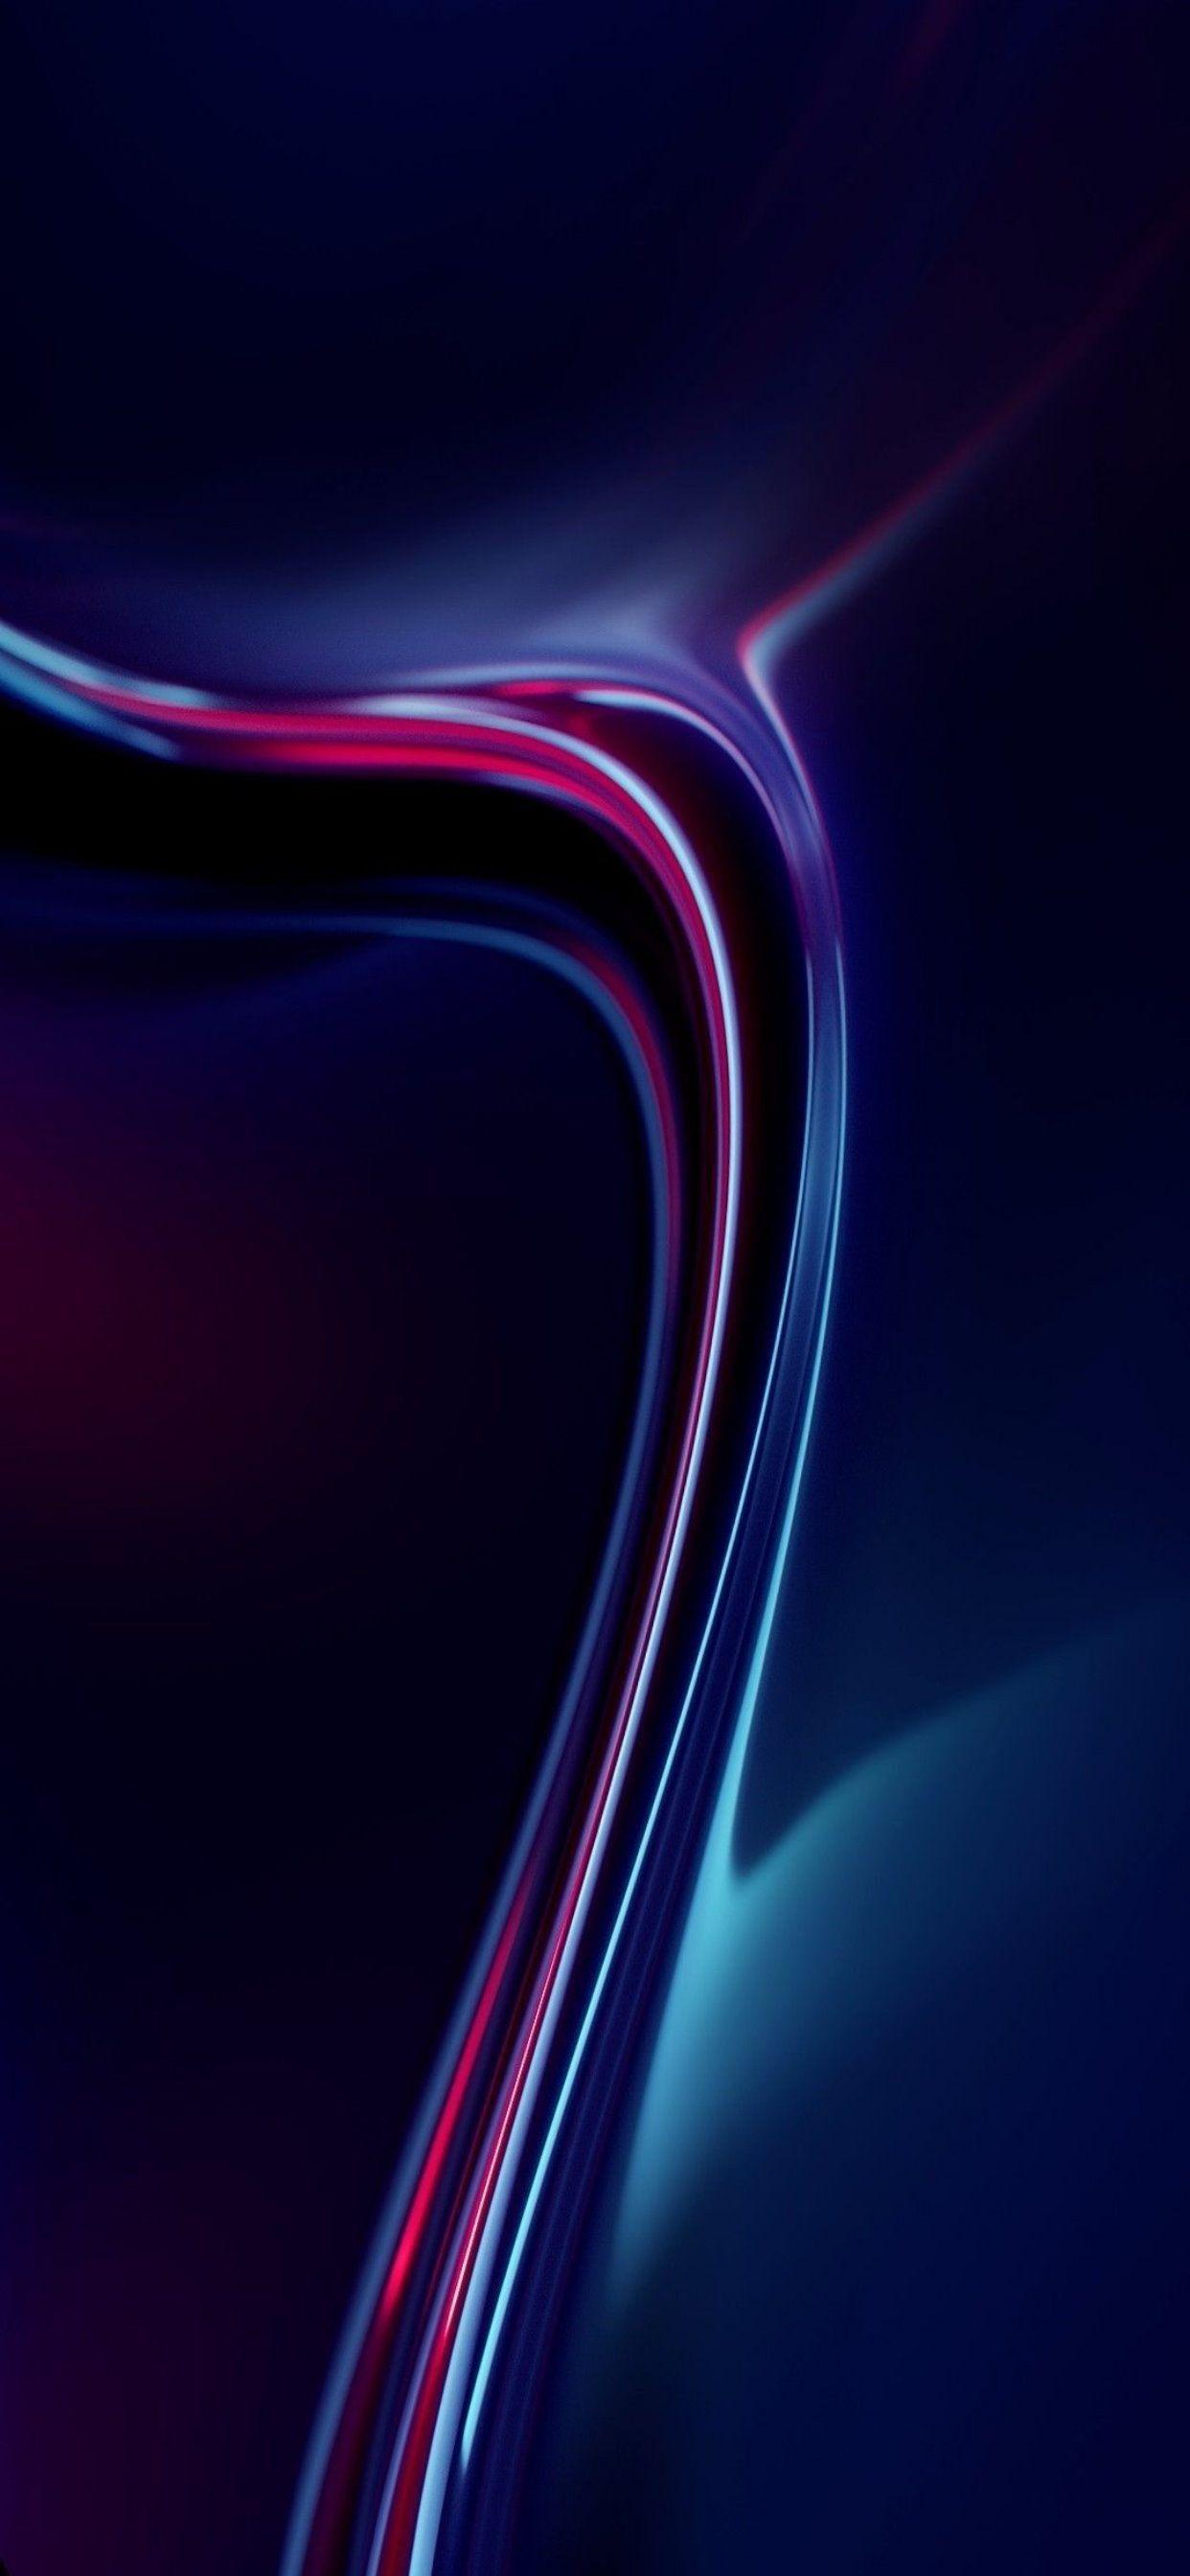 Wallpapers iPhone XS Max Pack 2 Fond d'écran coloré